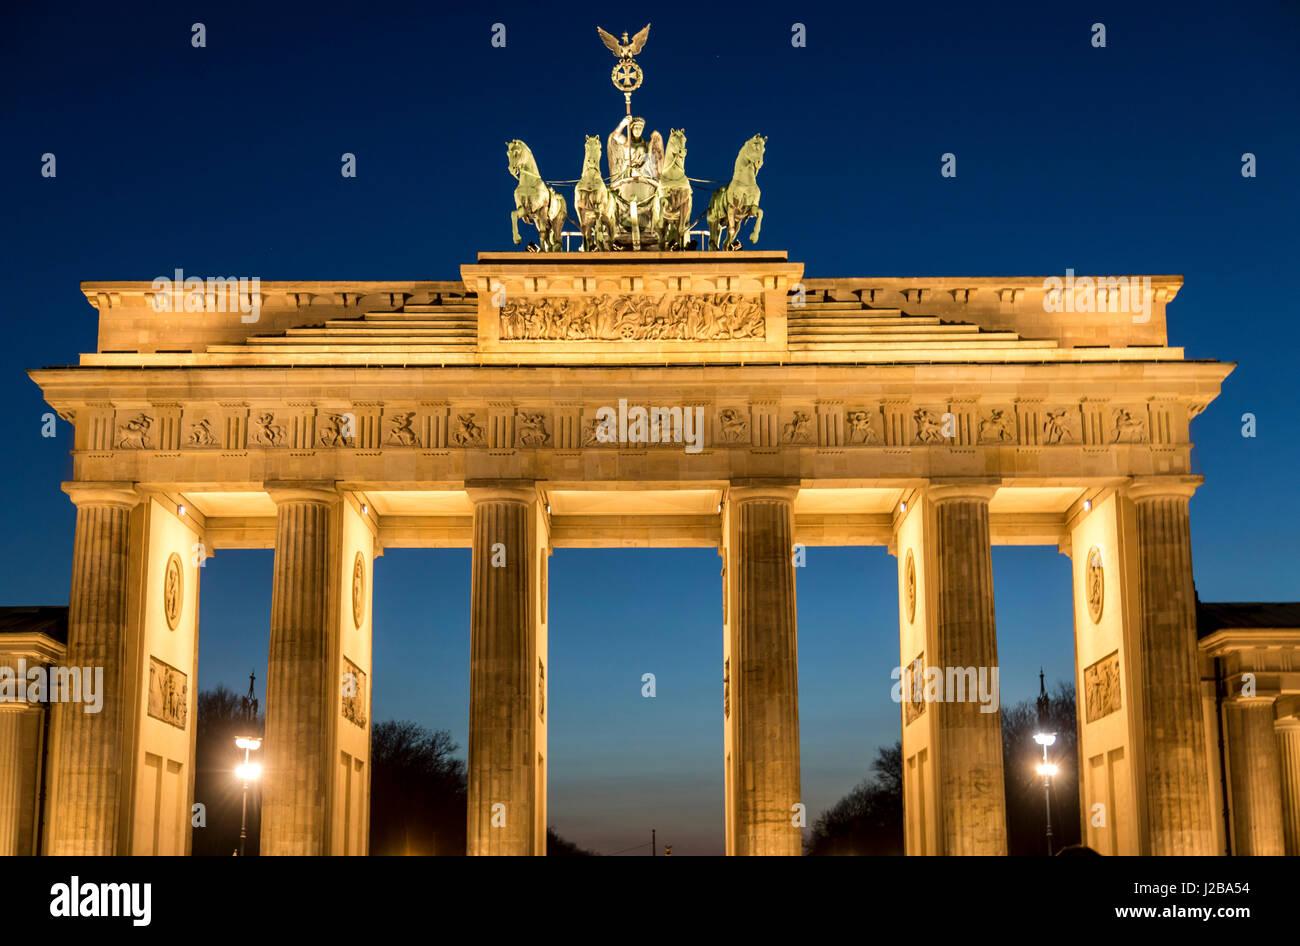 Das Brandenburger Tor in Berlin, Deutschland, Stockbild